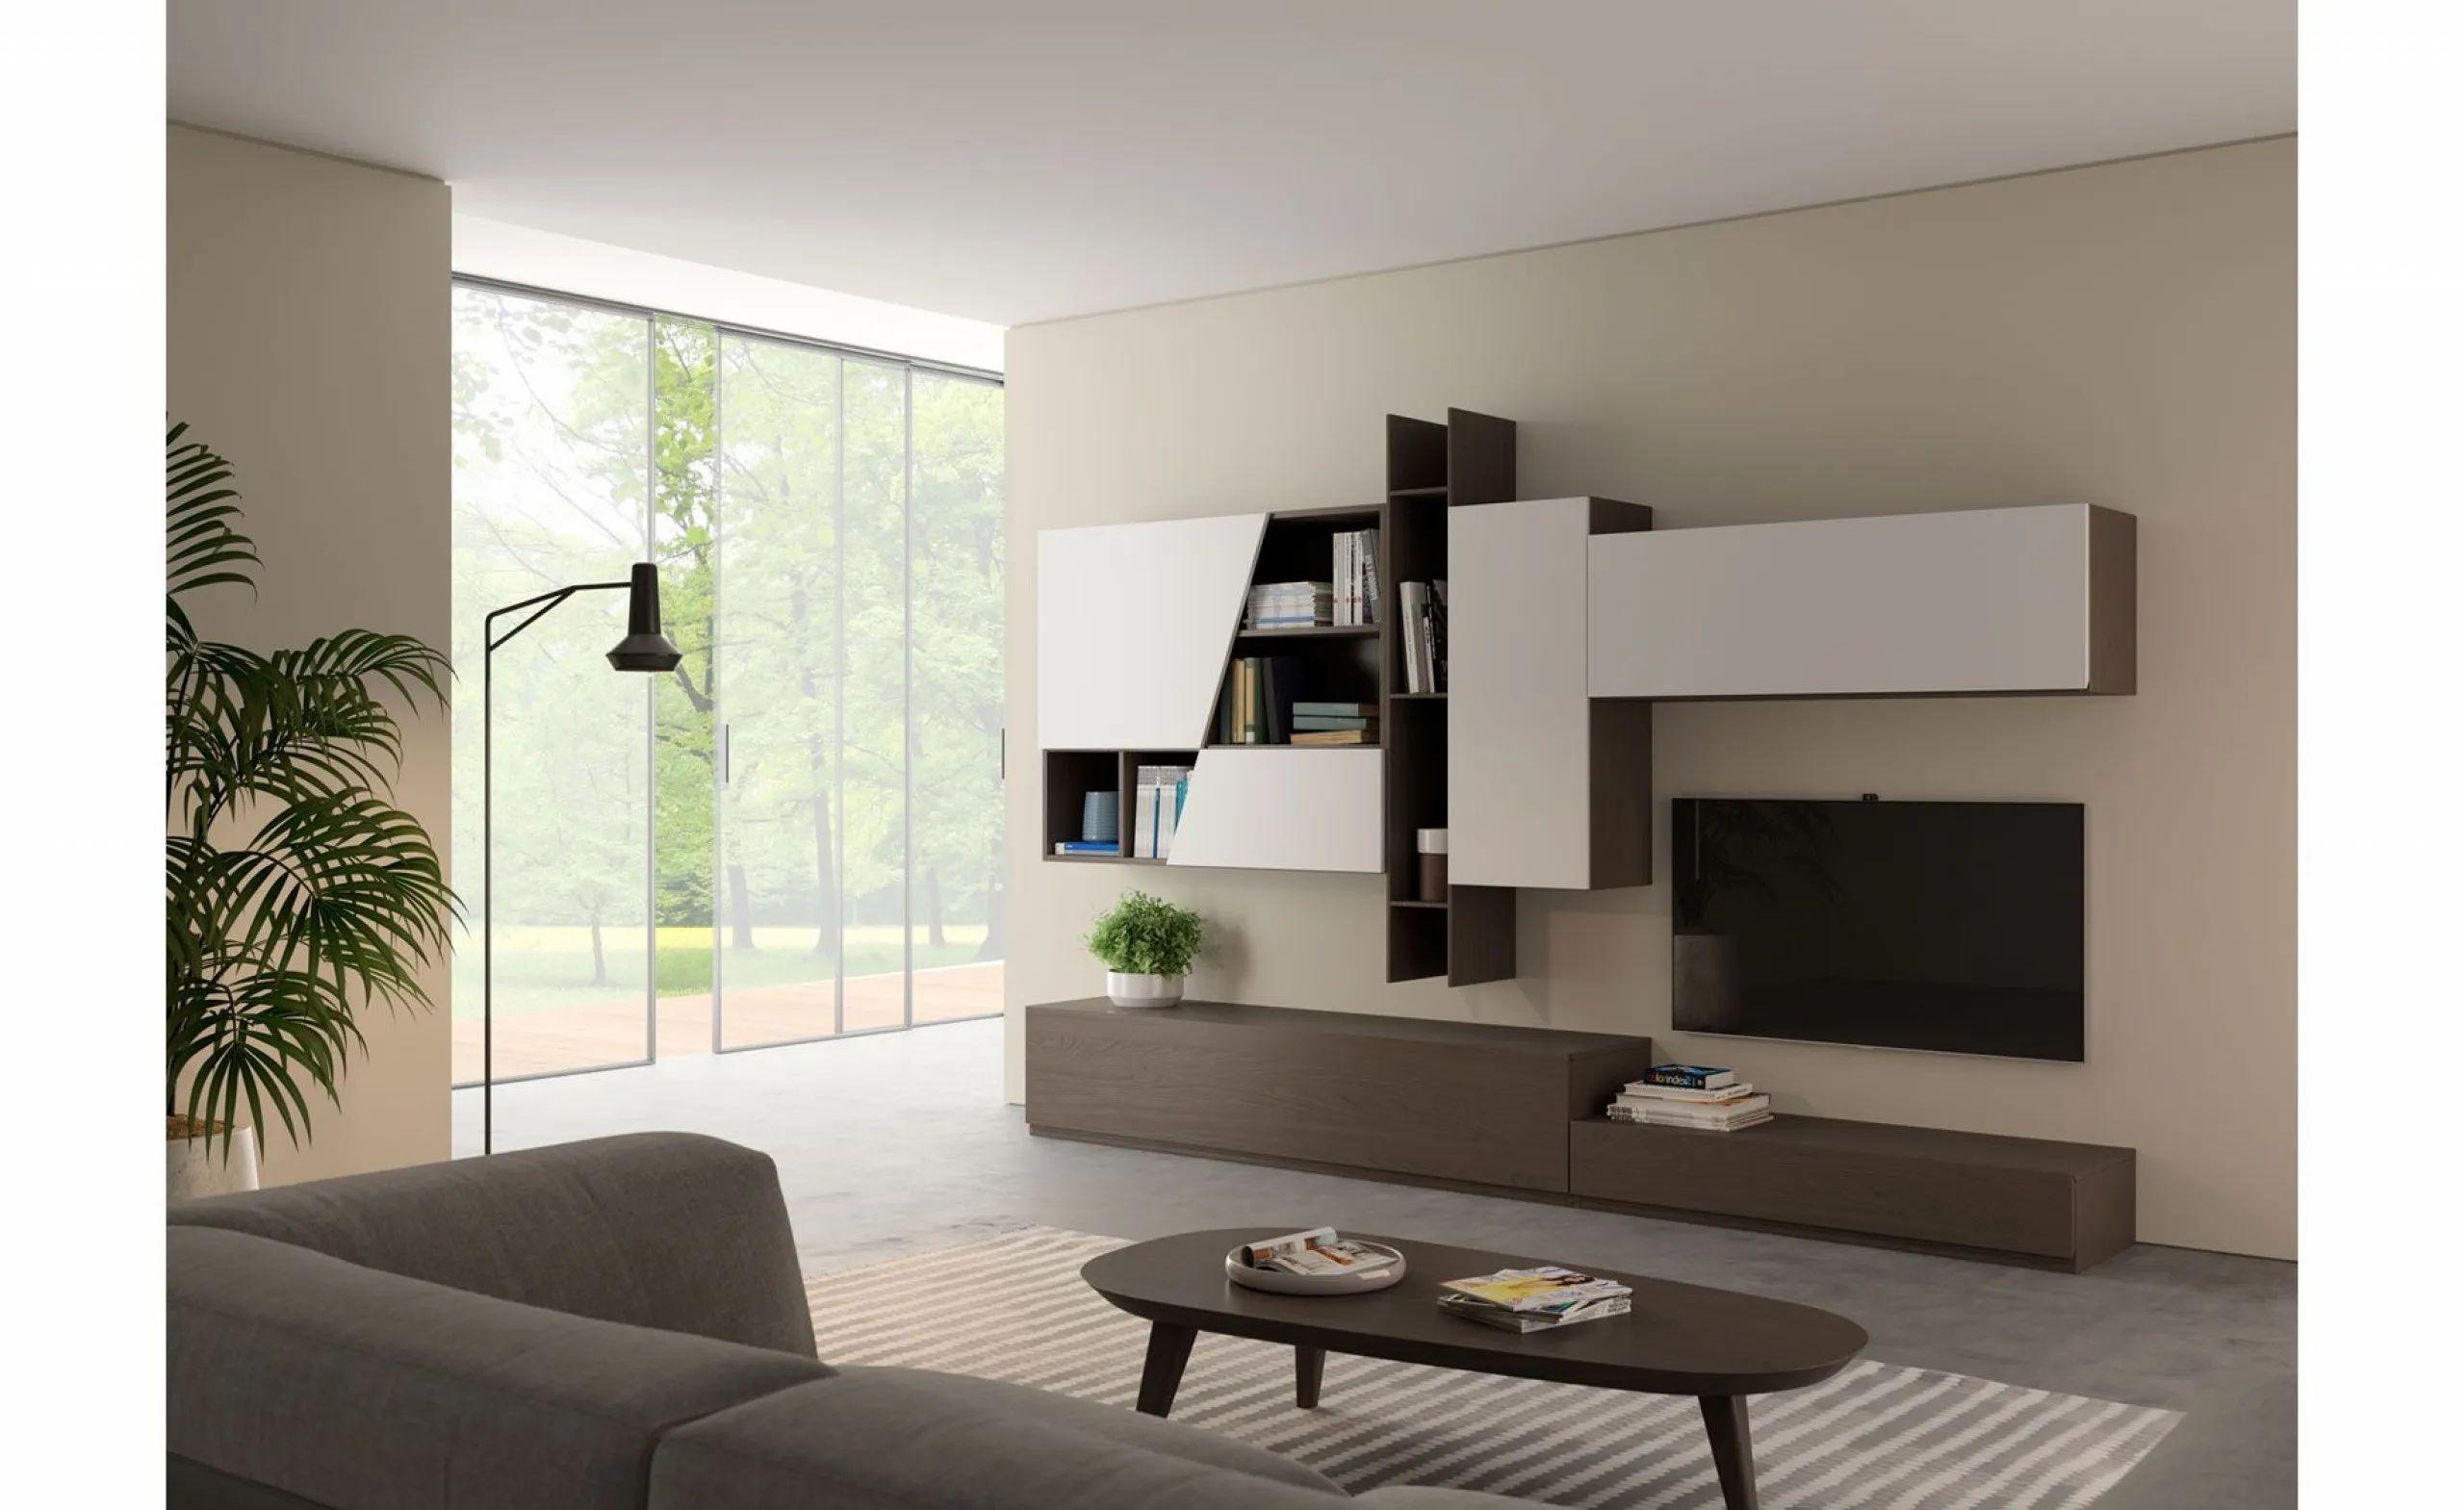 mobili parete attrezzata con design moderno e minimale con vetrina, base tv, mensola e pensile sospeso. Pareti Soggiorno Conforama